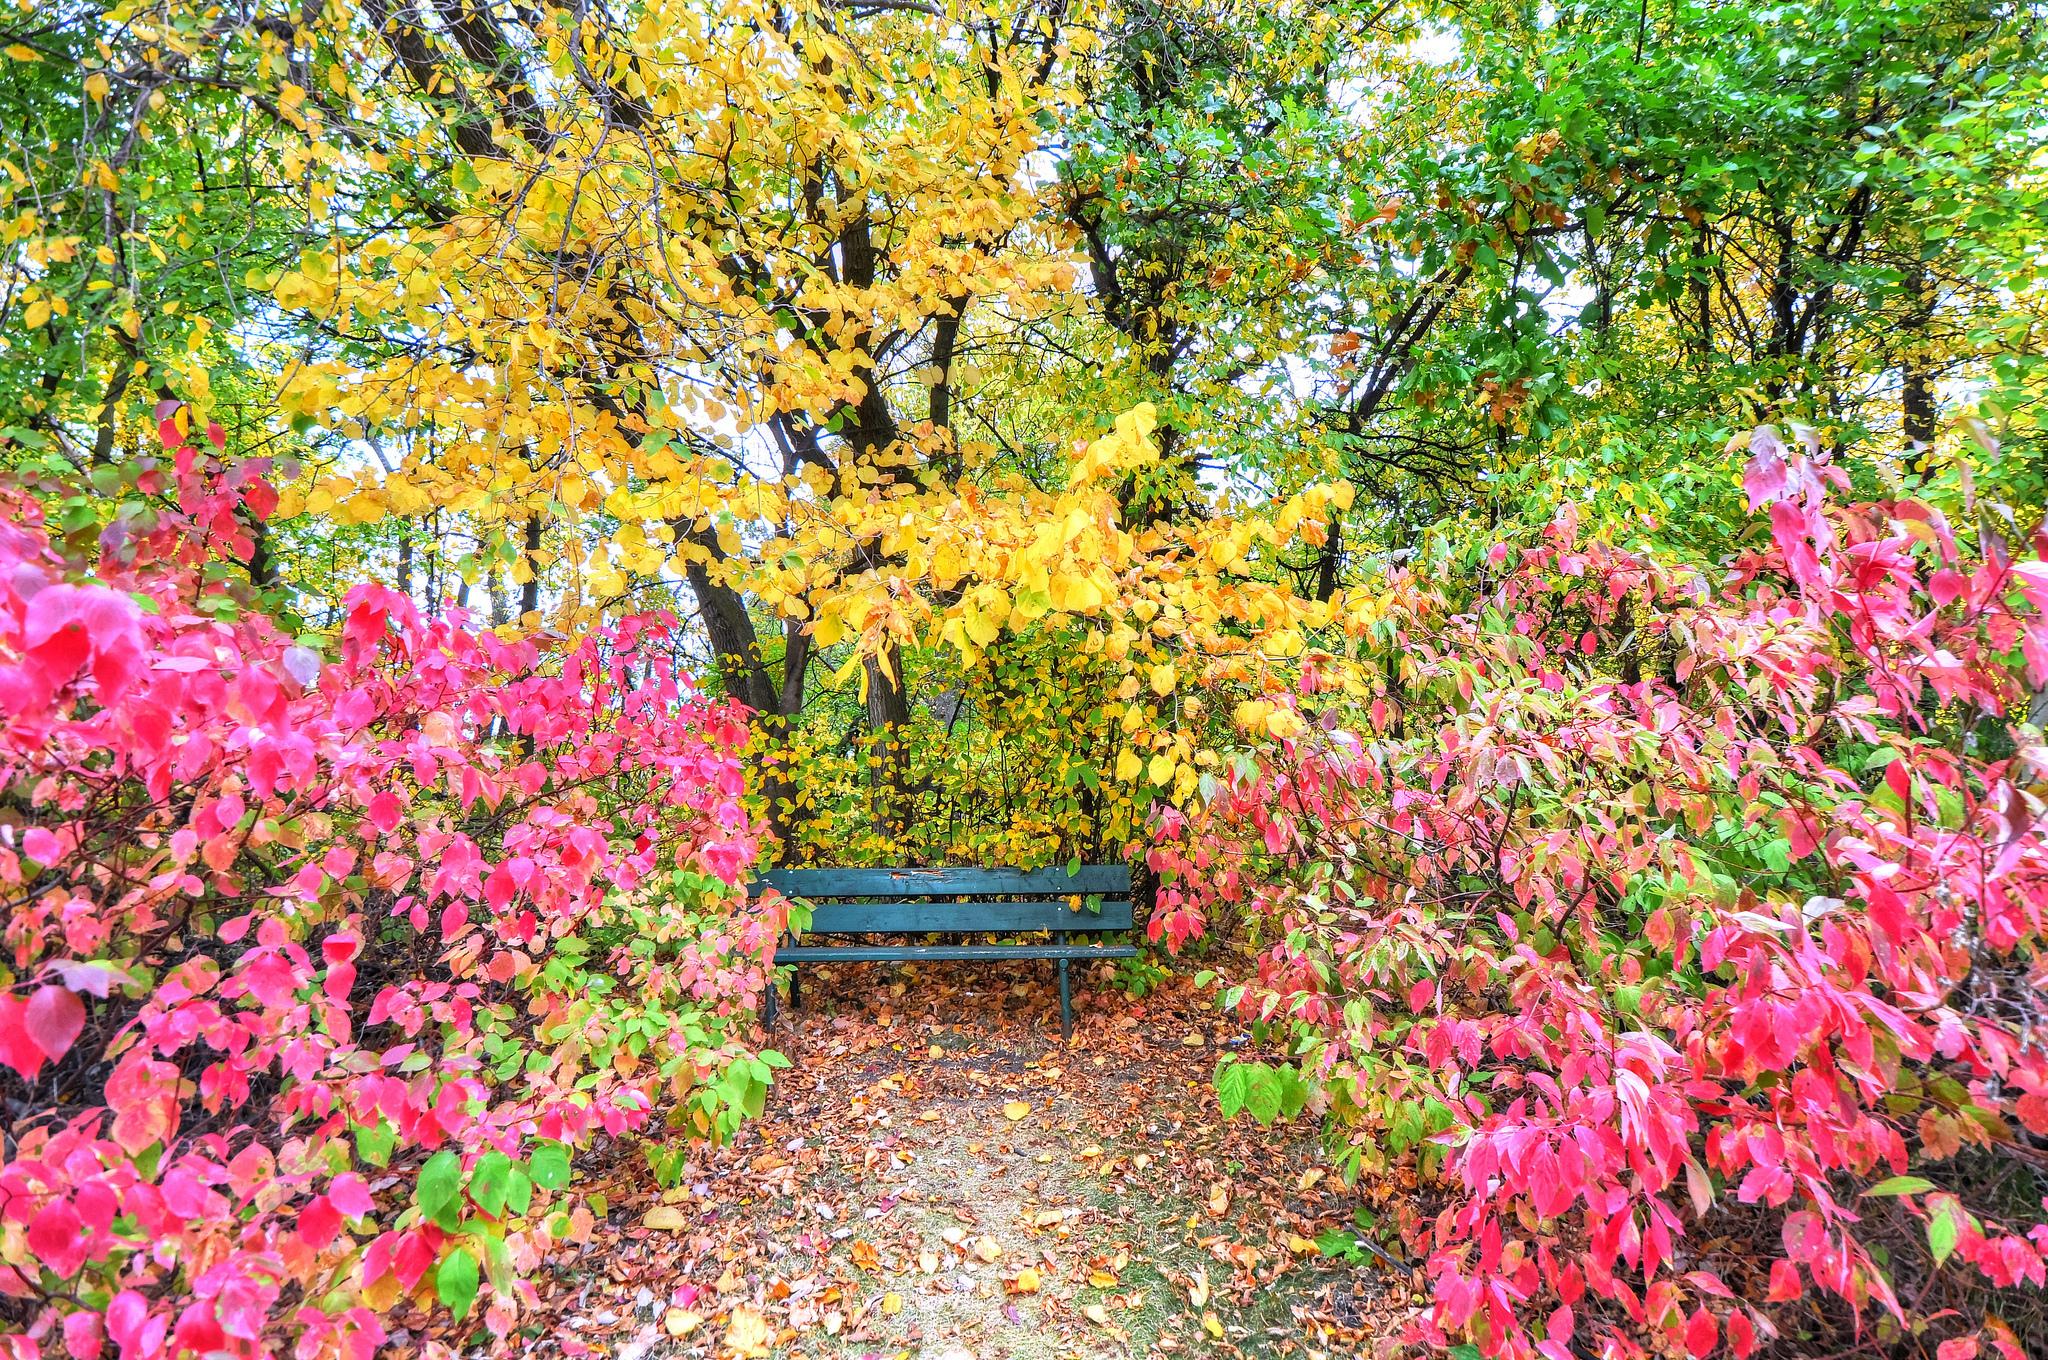 картинки осени кустарники бывают диваны